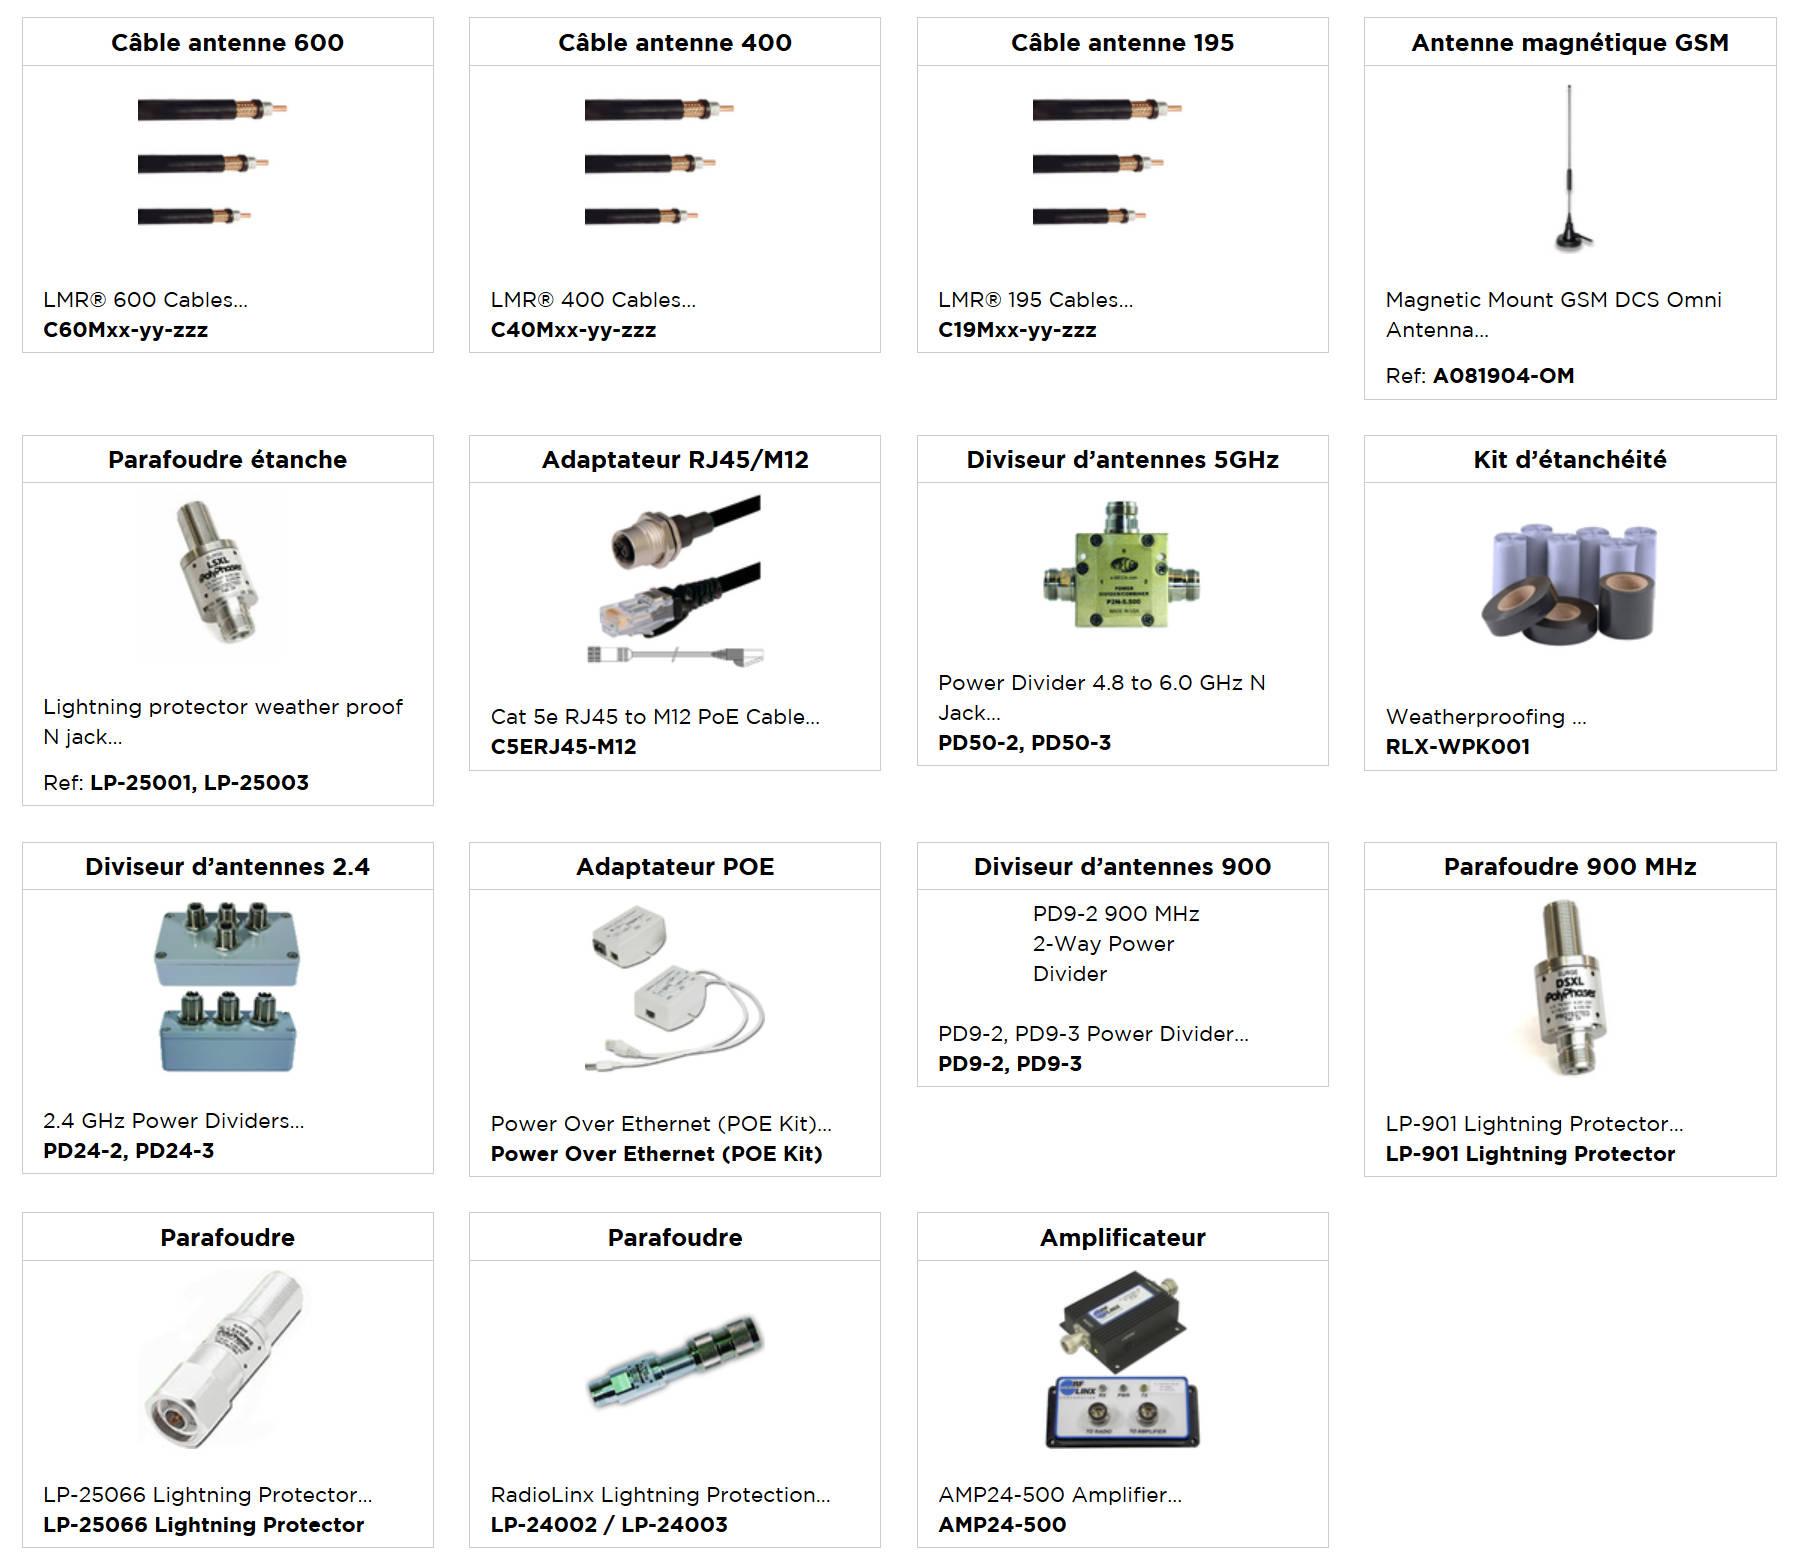 accessoires divers antenne prolinx